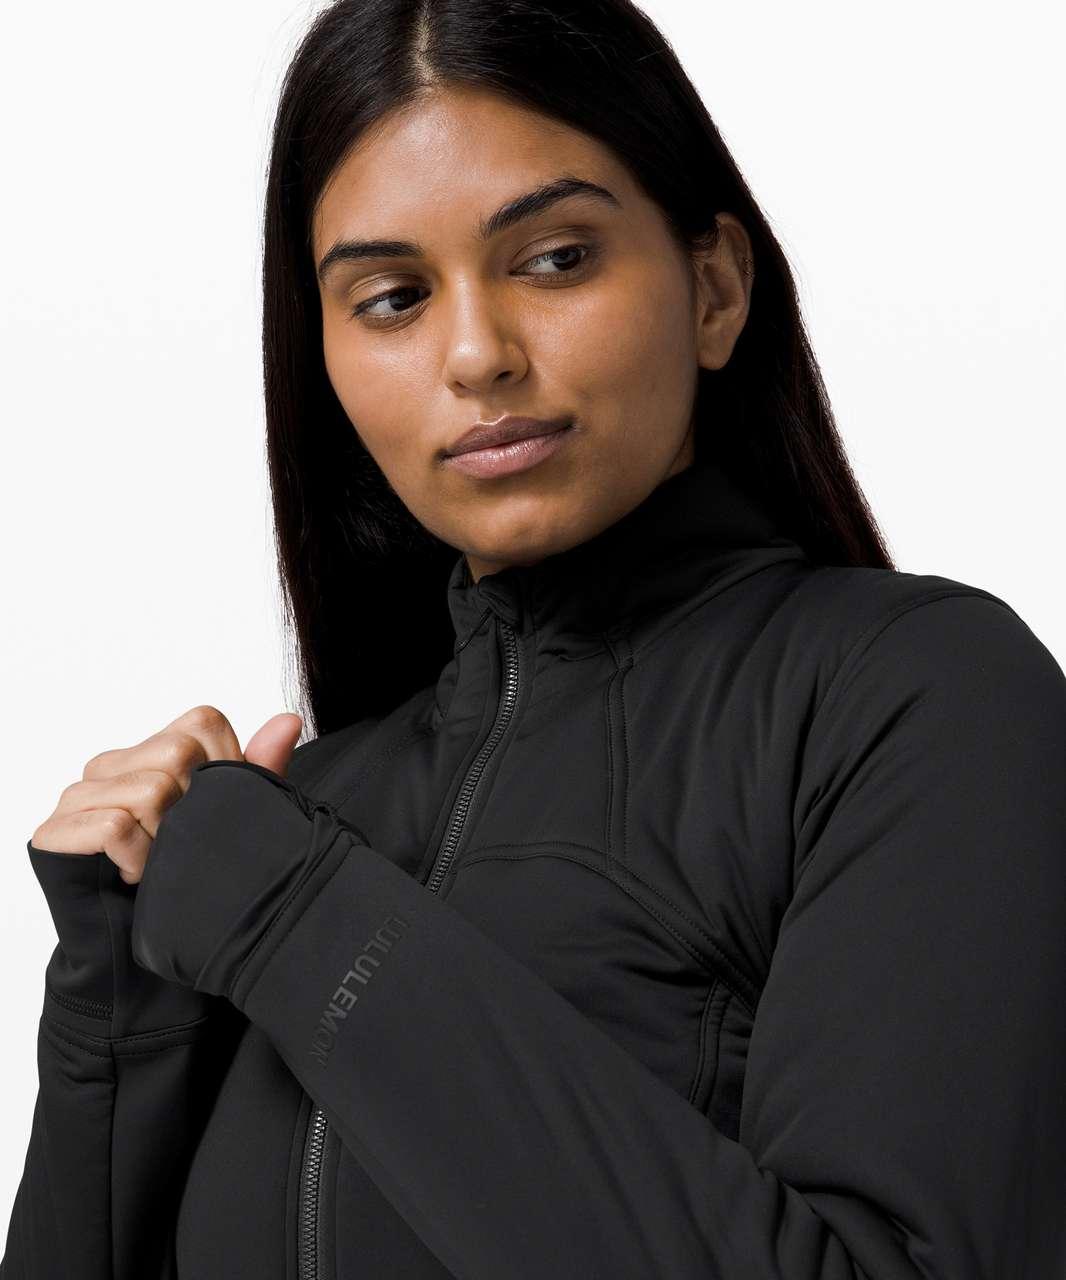 Lululemon Dynamic Movement Jacket - Black